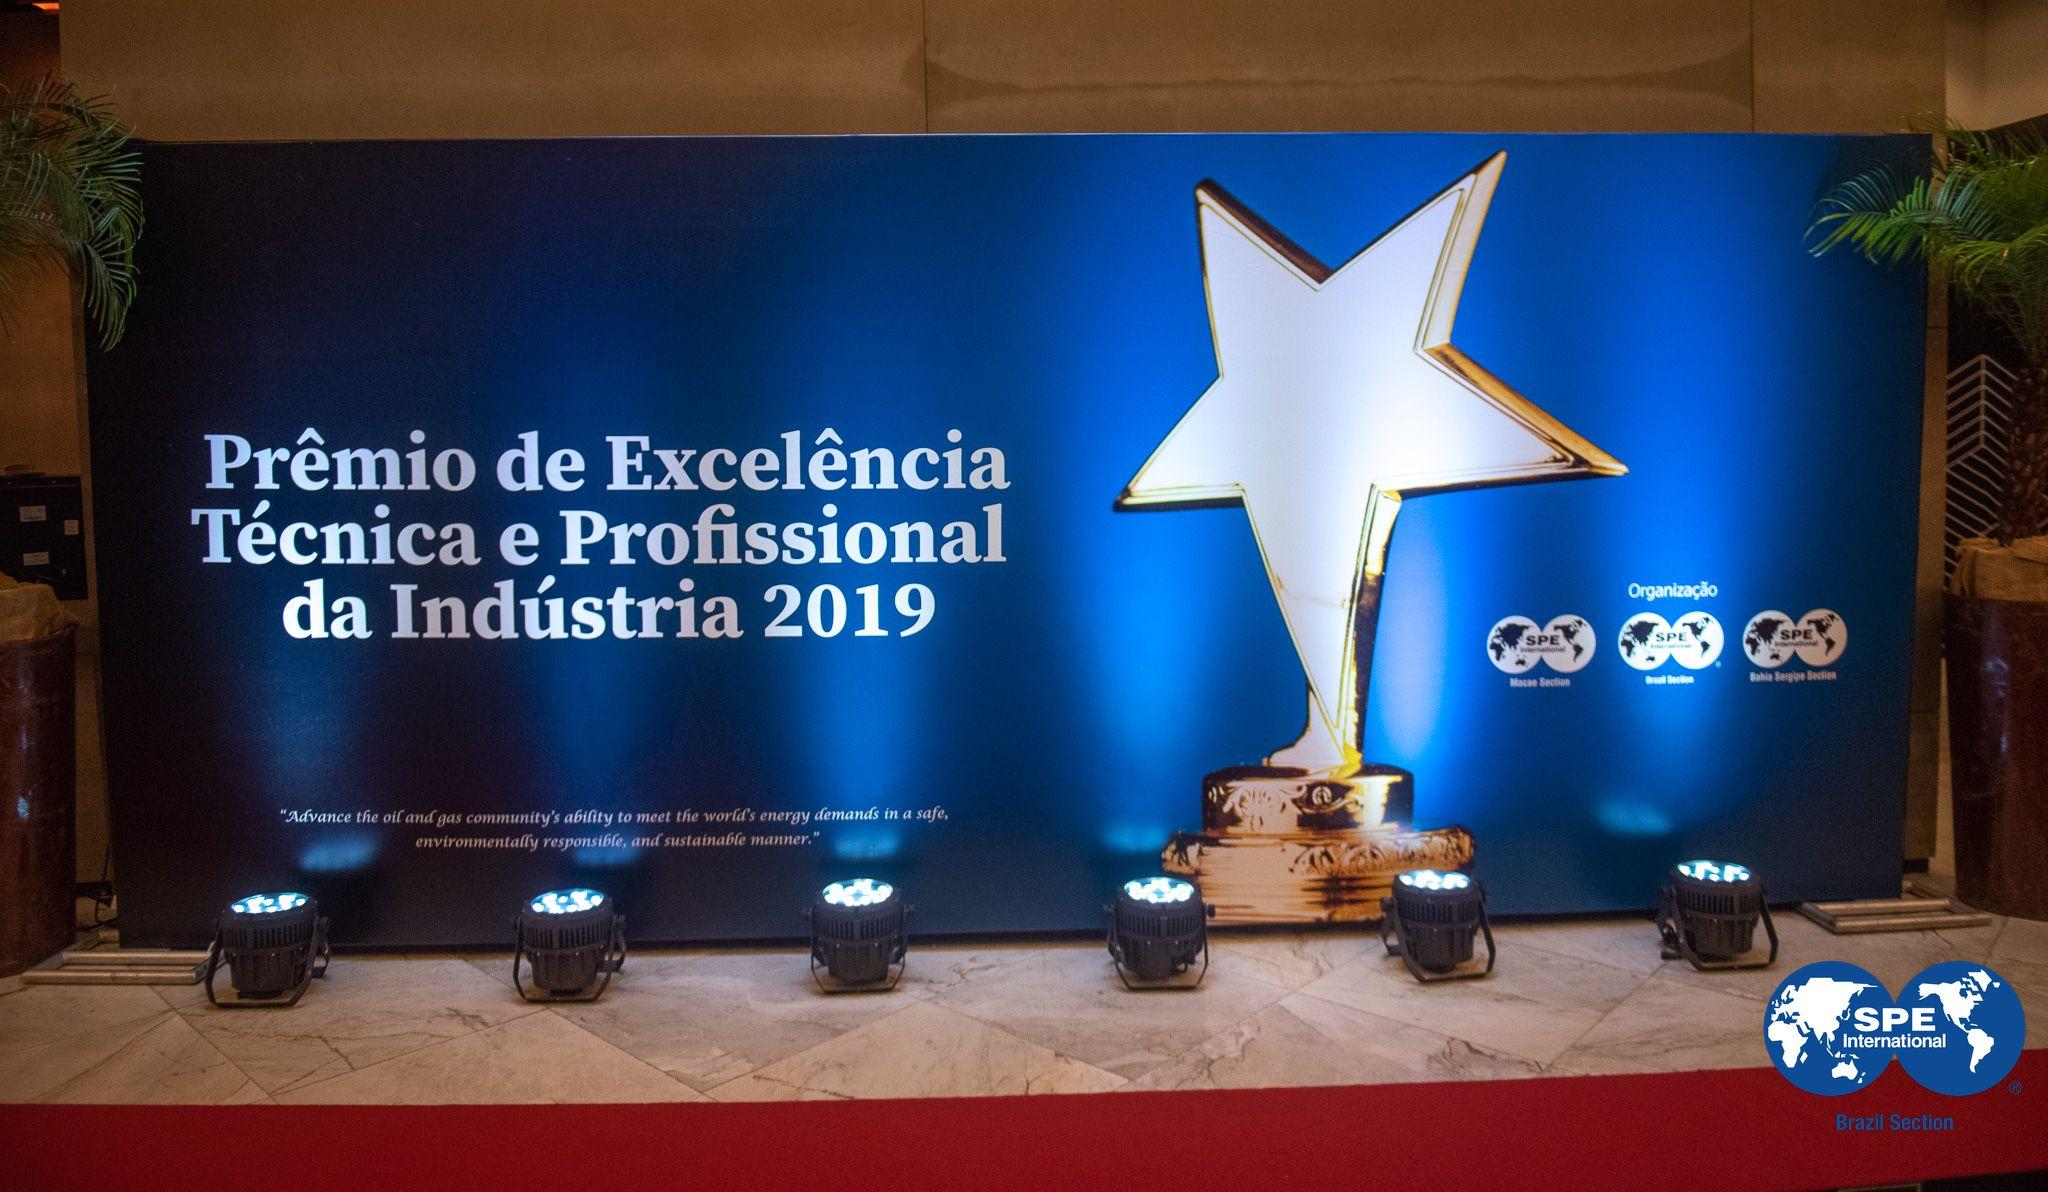 Realizado: Prêmio de Excelência Técnica e Profissional da Indústria.